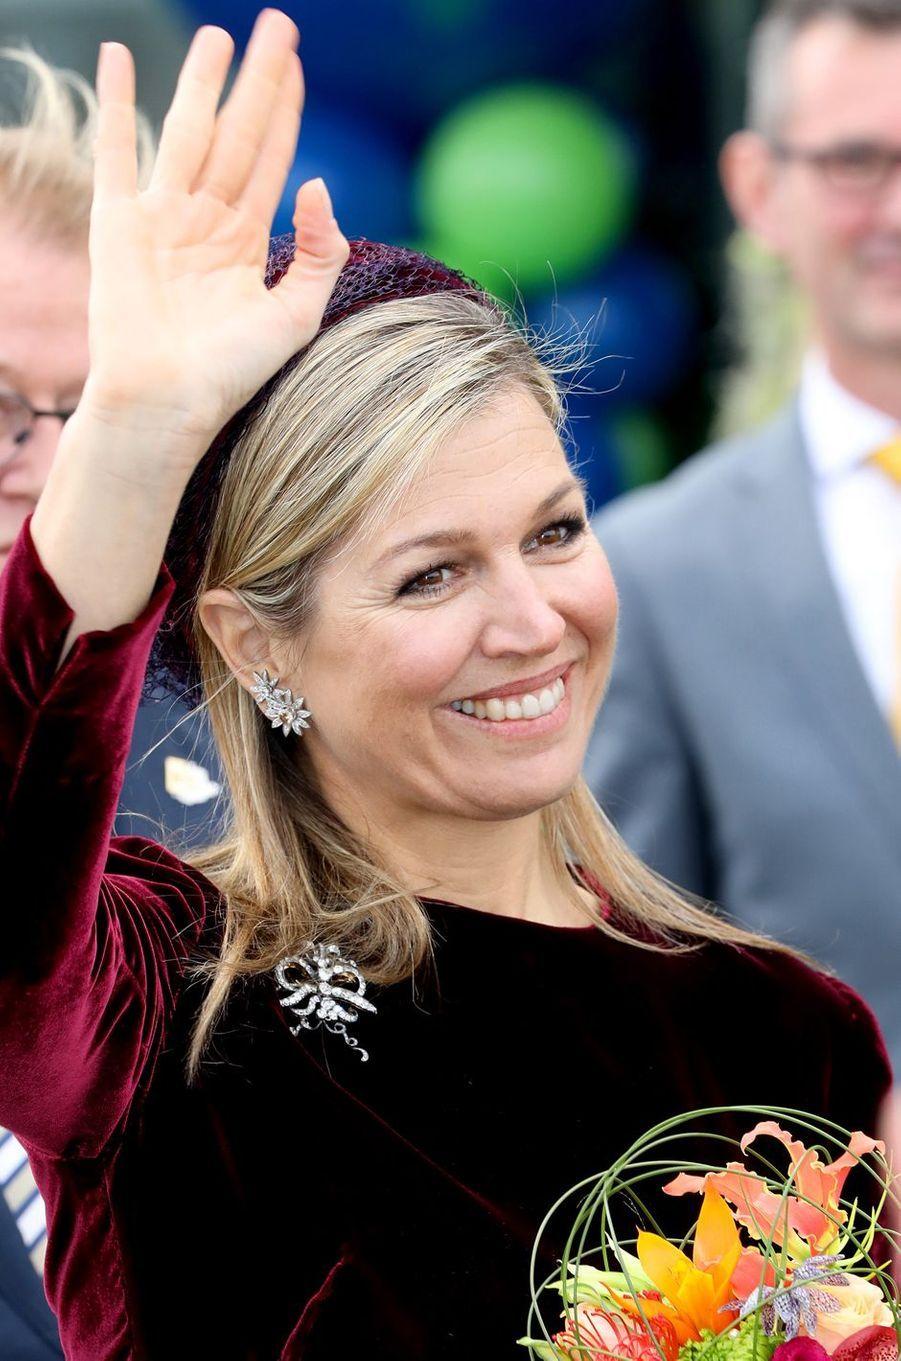 Détail des bijoux de la reine Maxima des Pays-Bas à Westland, le 7 mars 2018